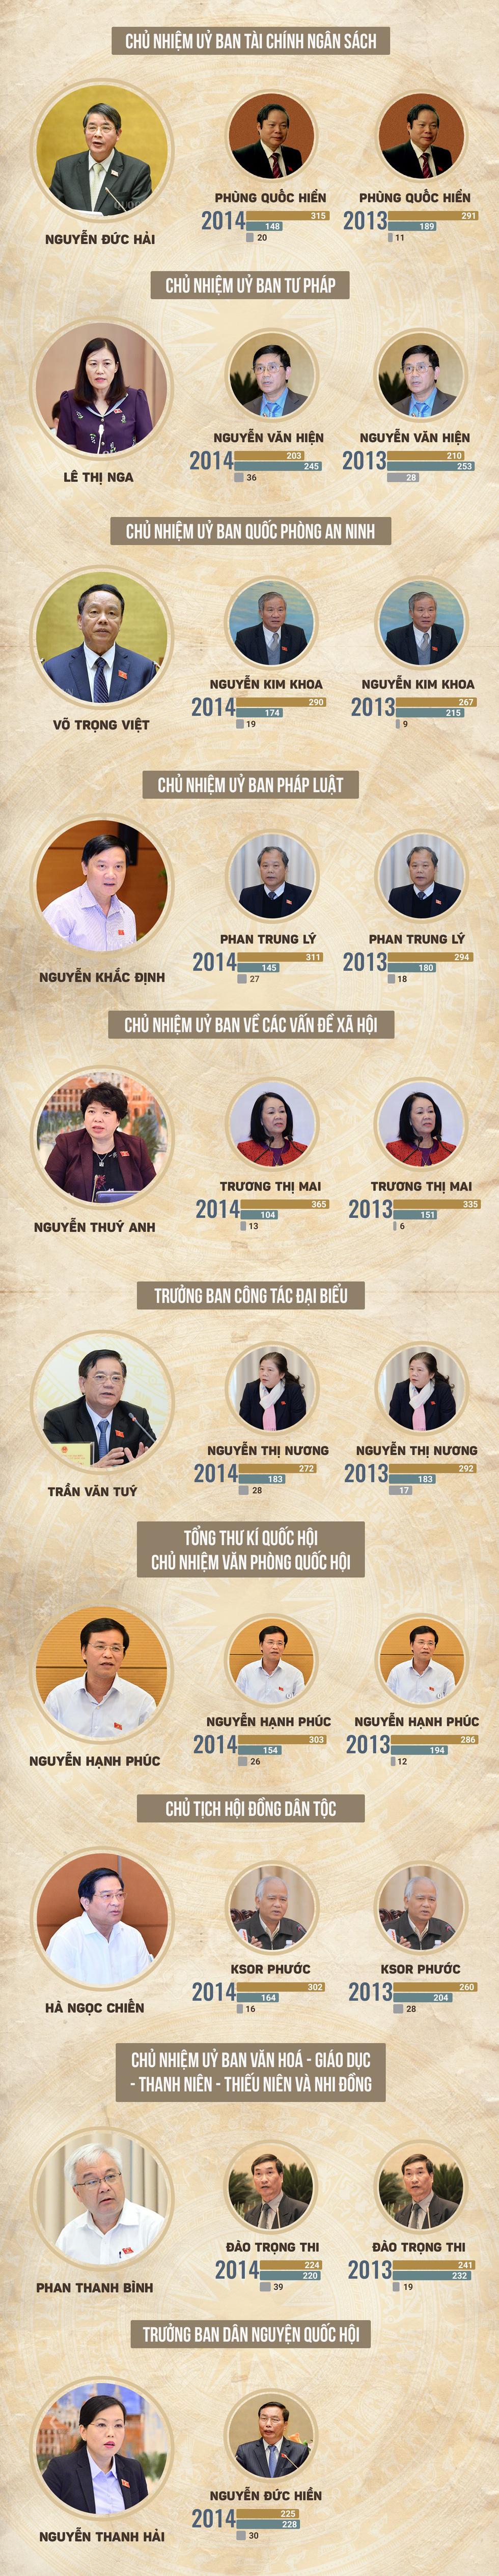 48 chức danh được Quốc hội lấy phiếu tín nhiệm - Ảnh 2.